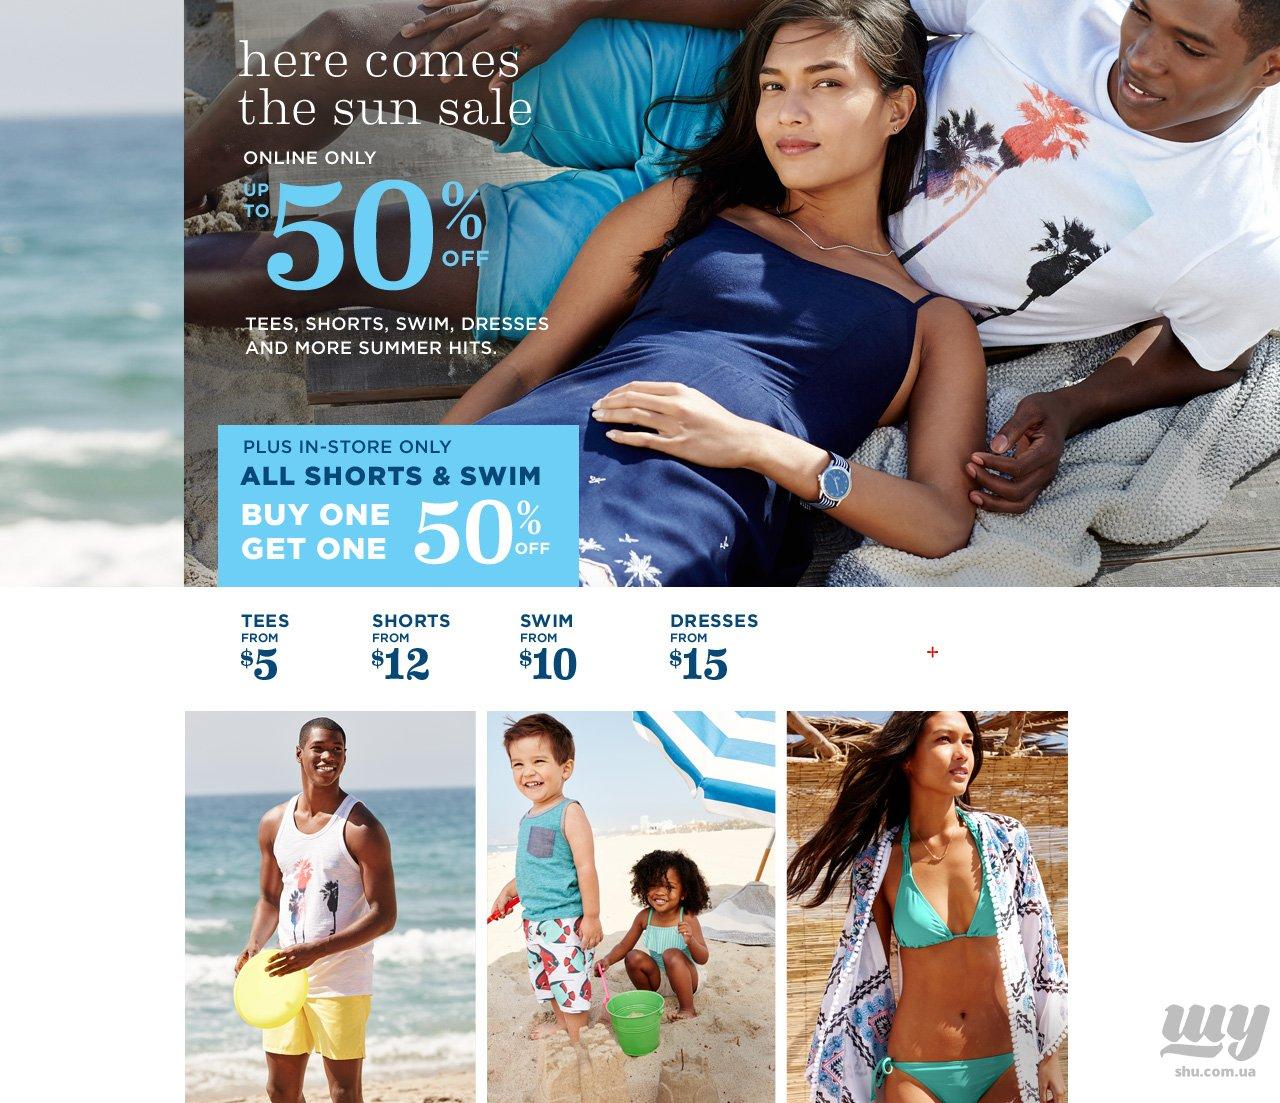 052615_US_BeachBoundDeals_hp_P.jpg